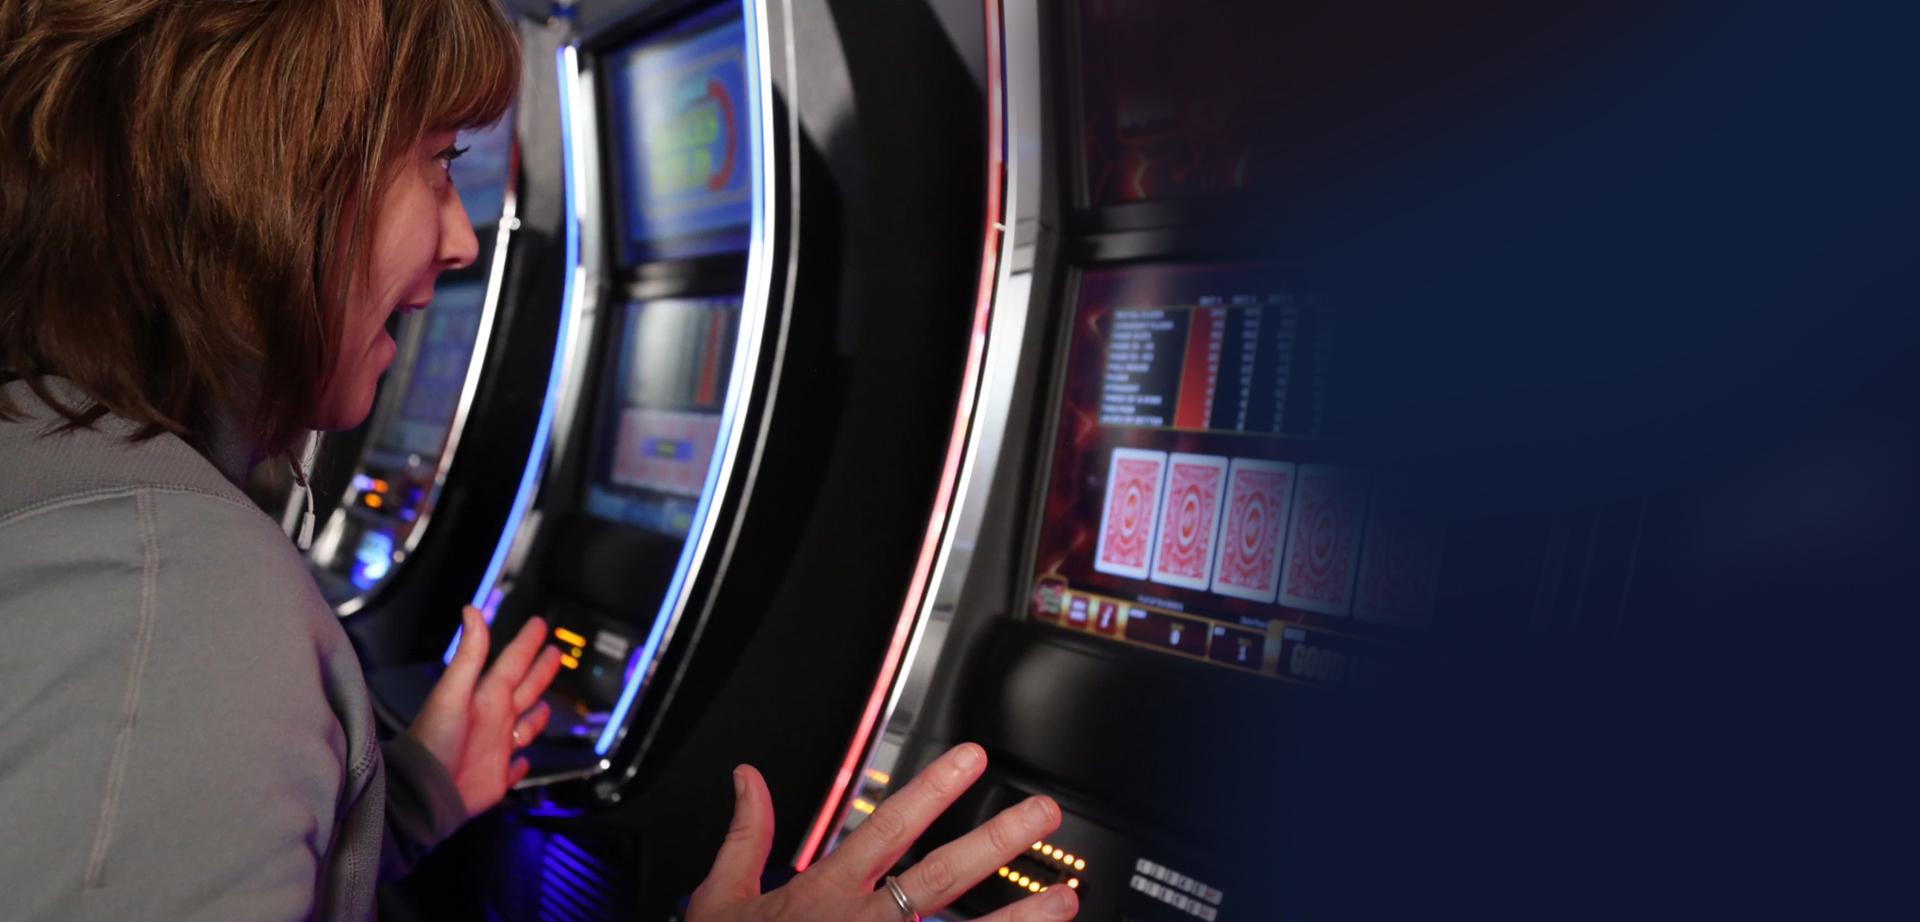 video game terminals_1550111370212.jpg.jpg